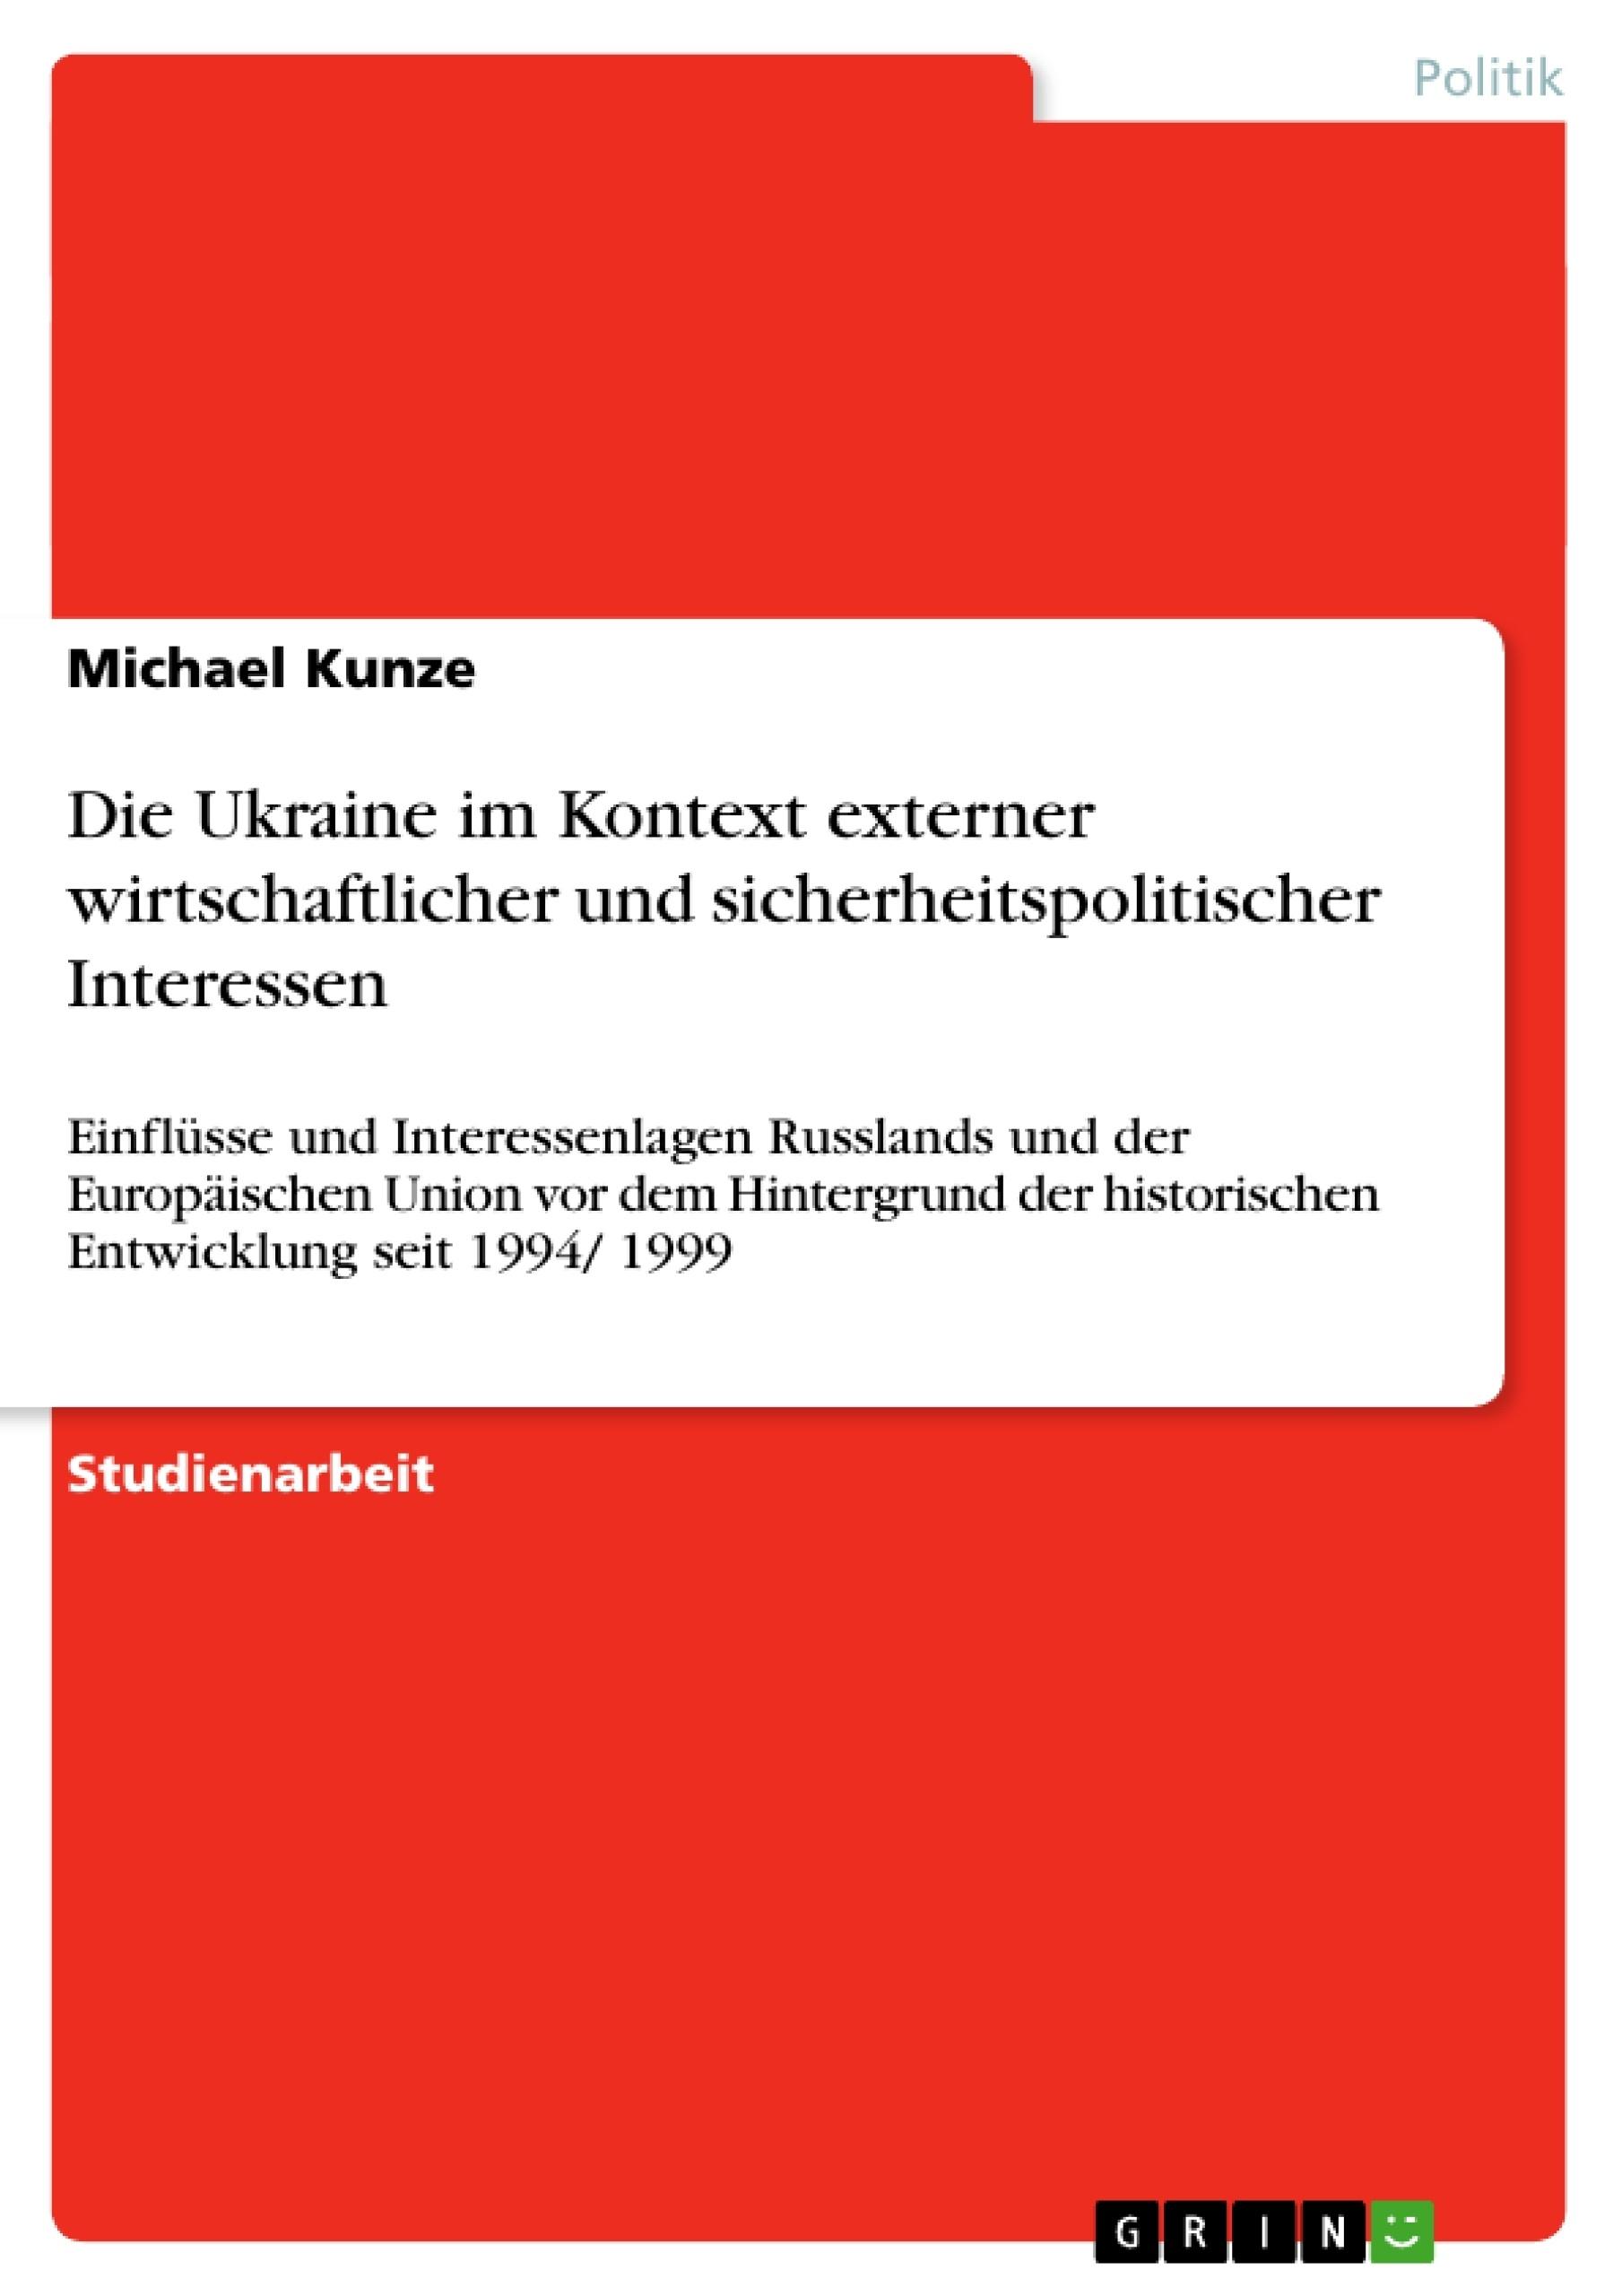 Titel: Die Ukraine im Kontext externer wirtschaftlicher und sicherheitspolitischer Interessen